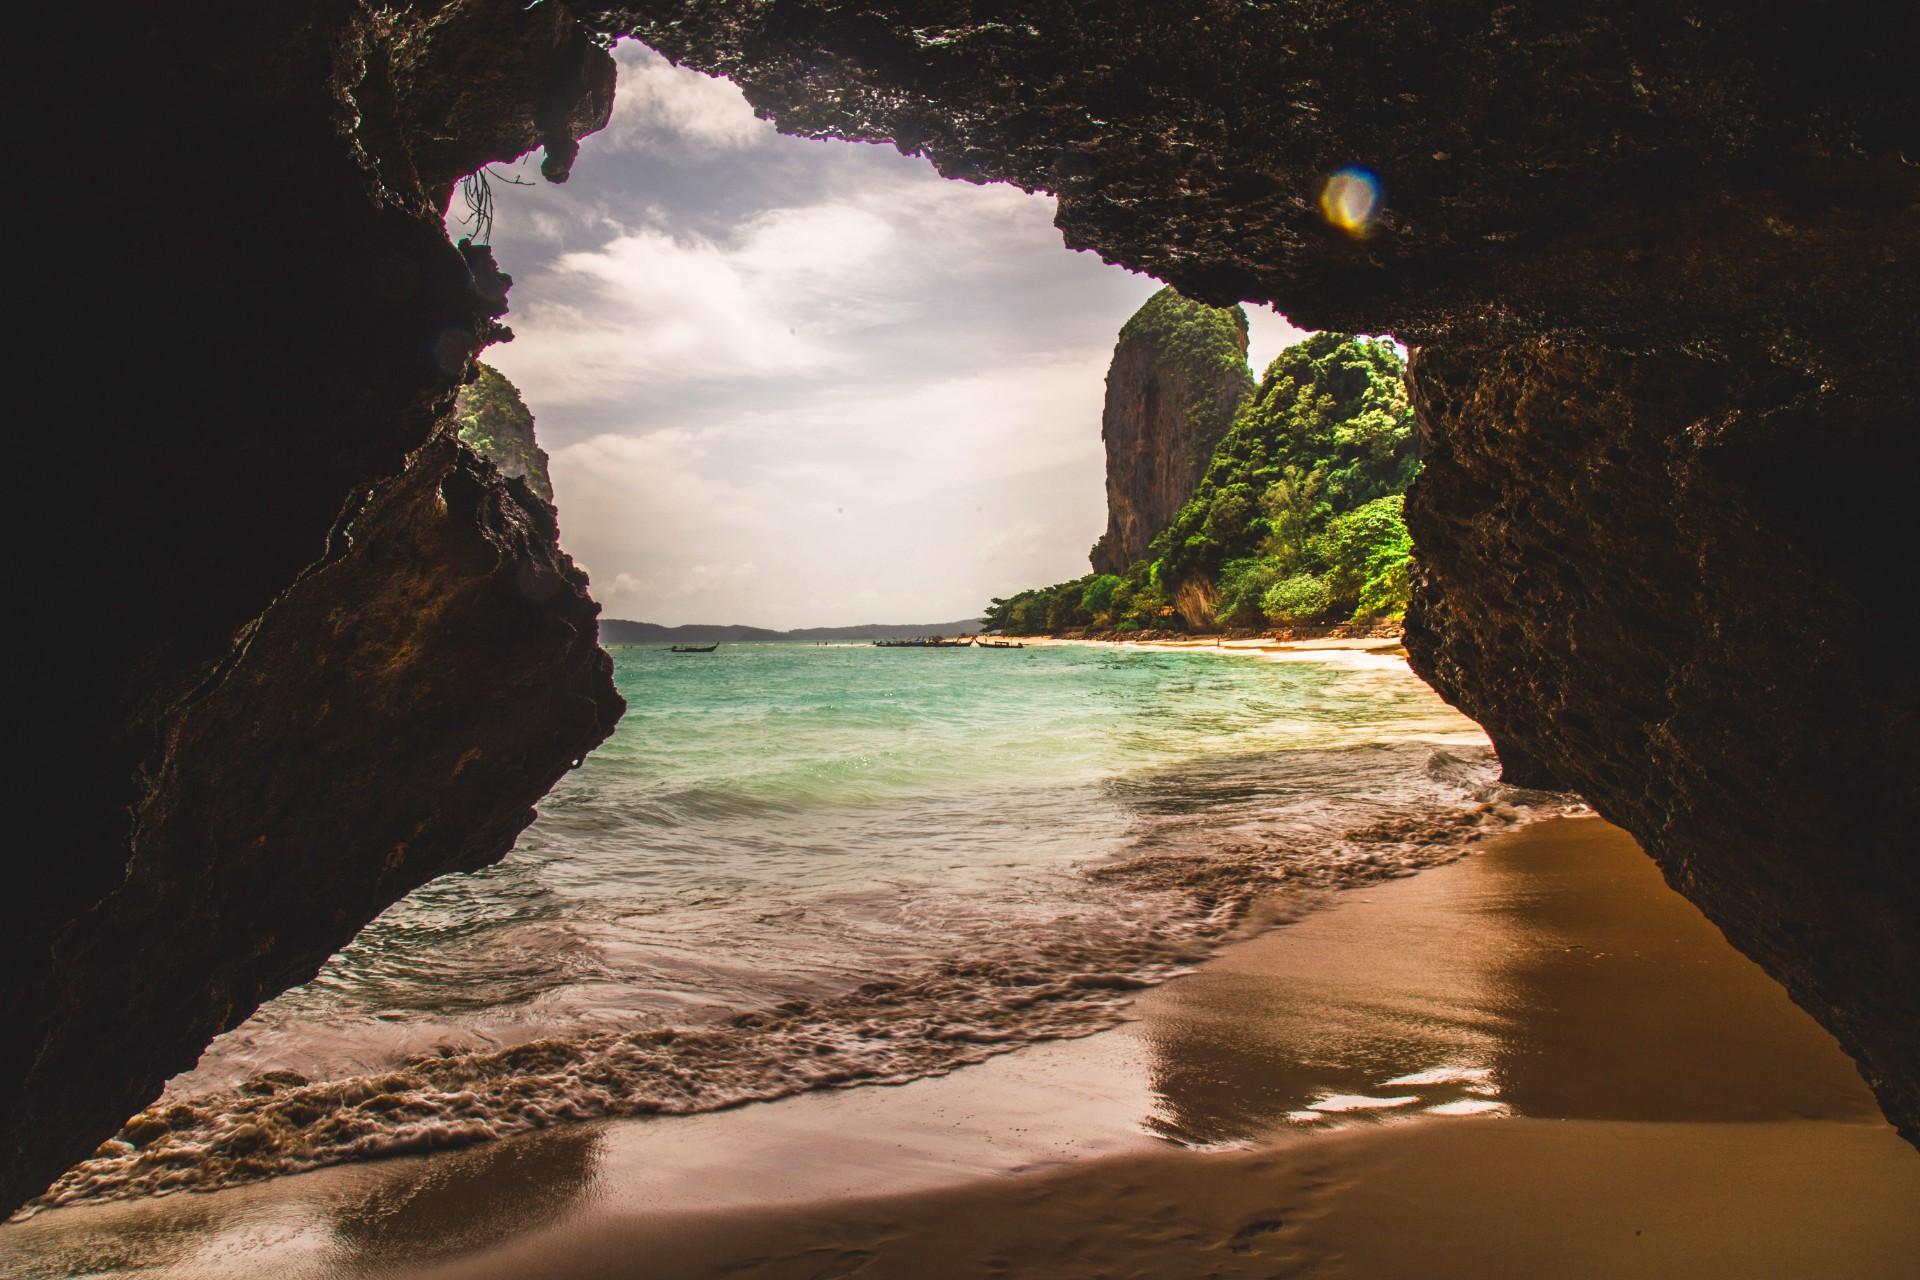 Las 8 playas de Asia que tienes que conocer antes de morir (todas espectaculares)